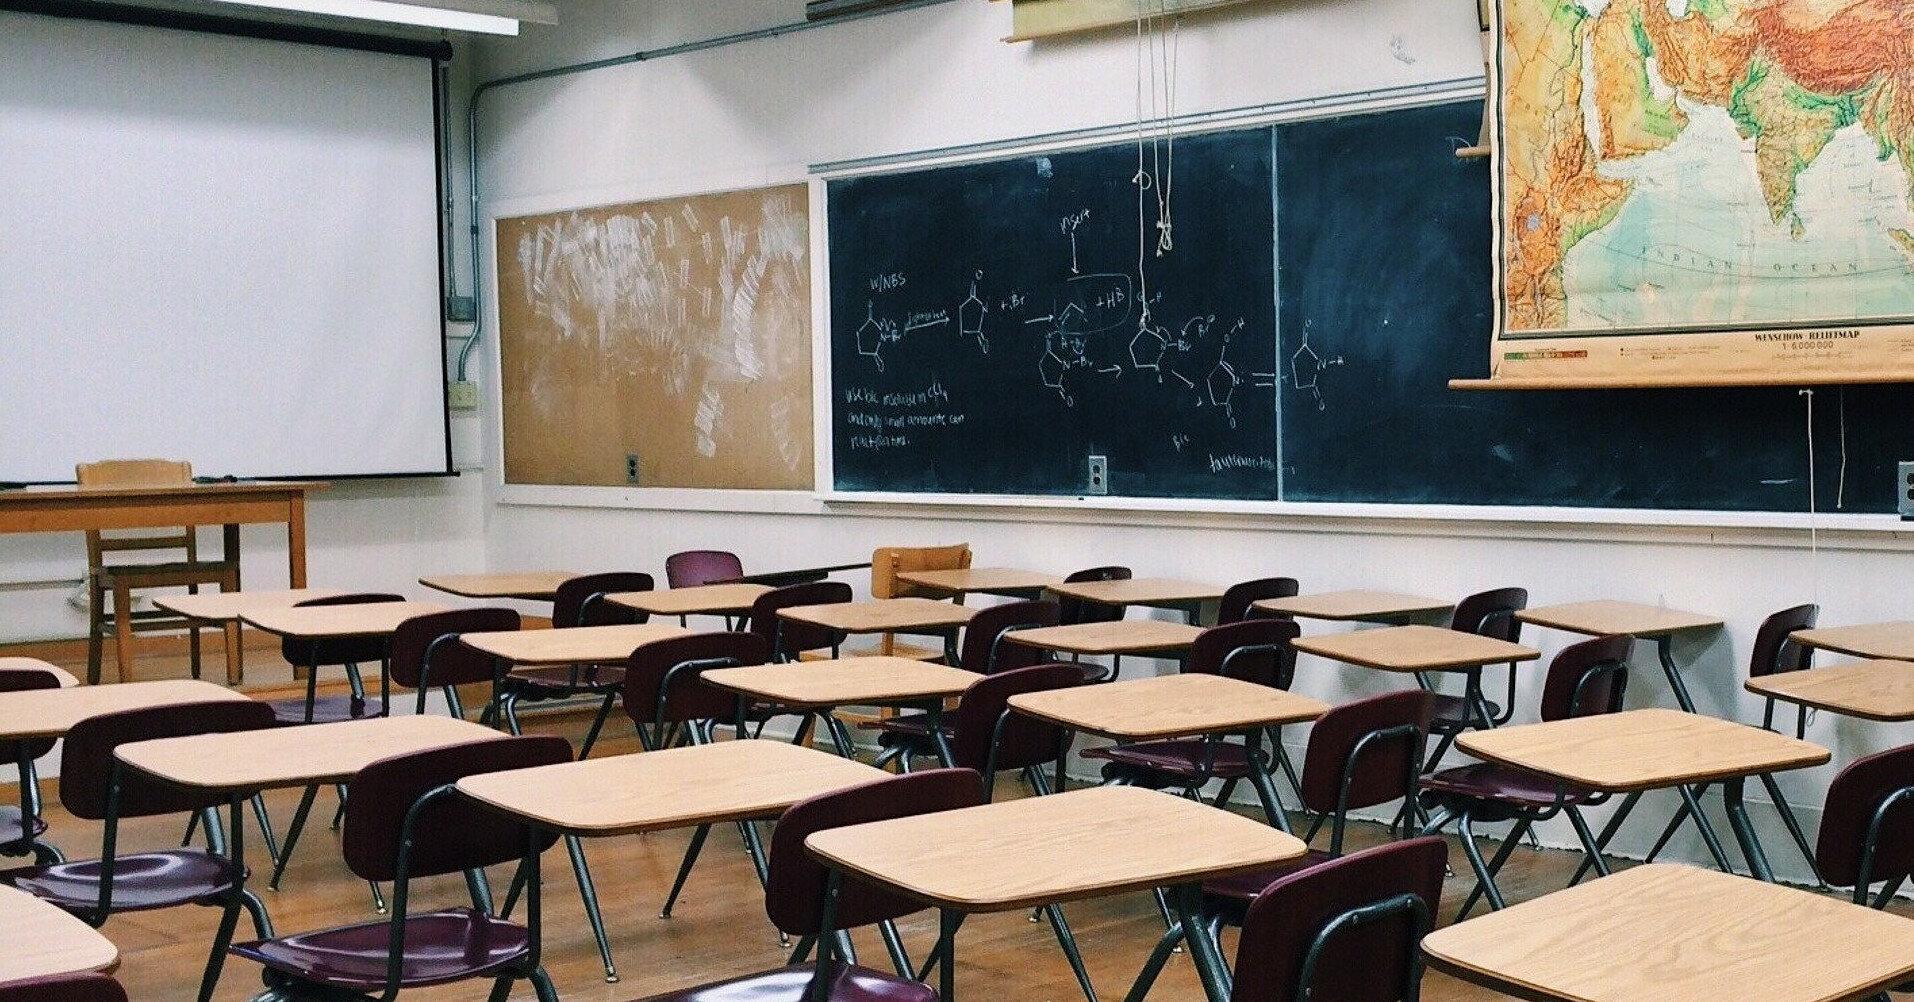 Самая элитная школа в Калифорнии оказалась рассадником насильников